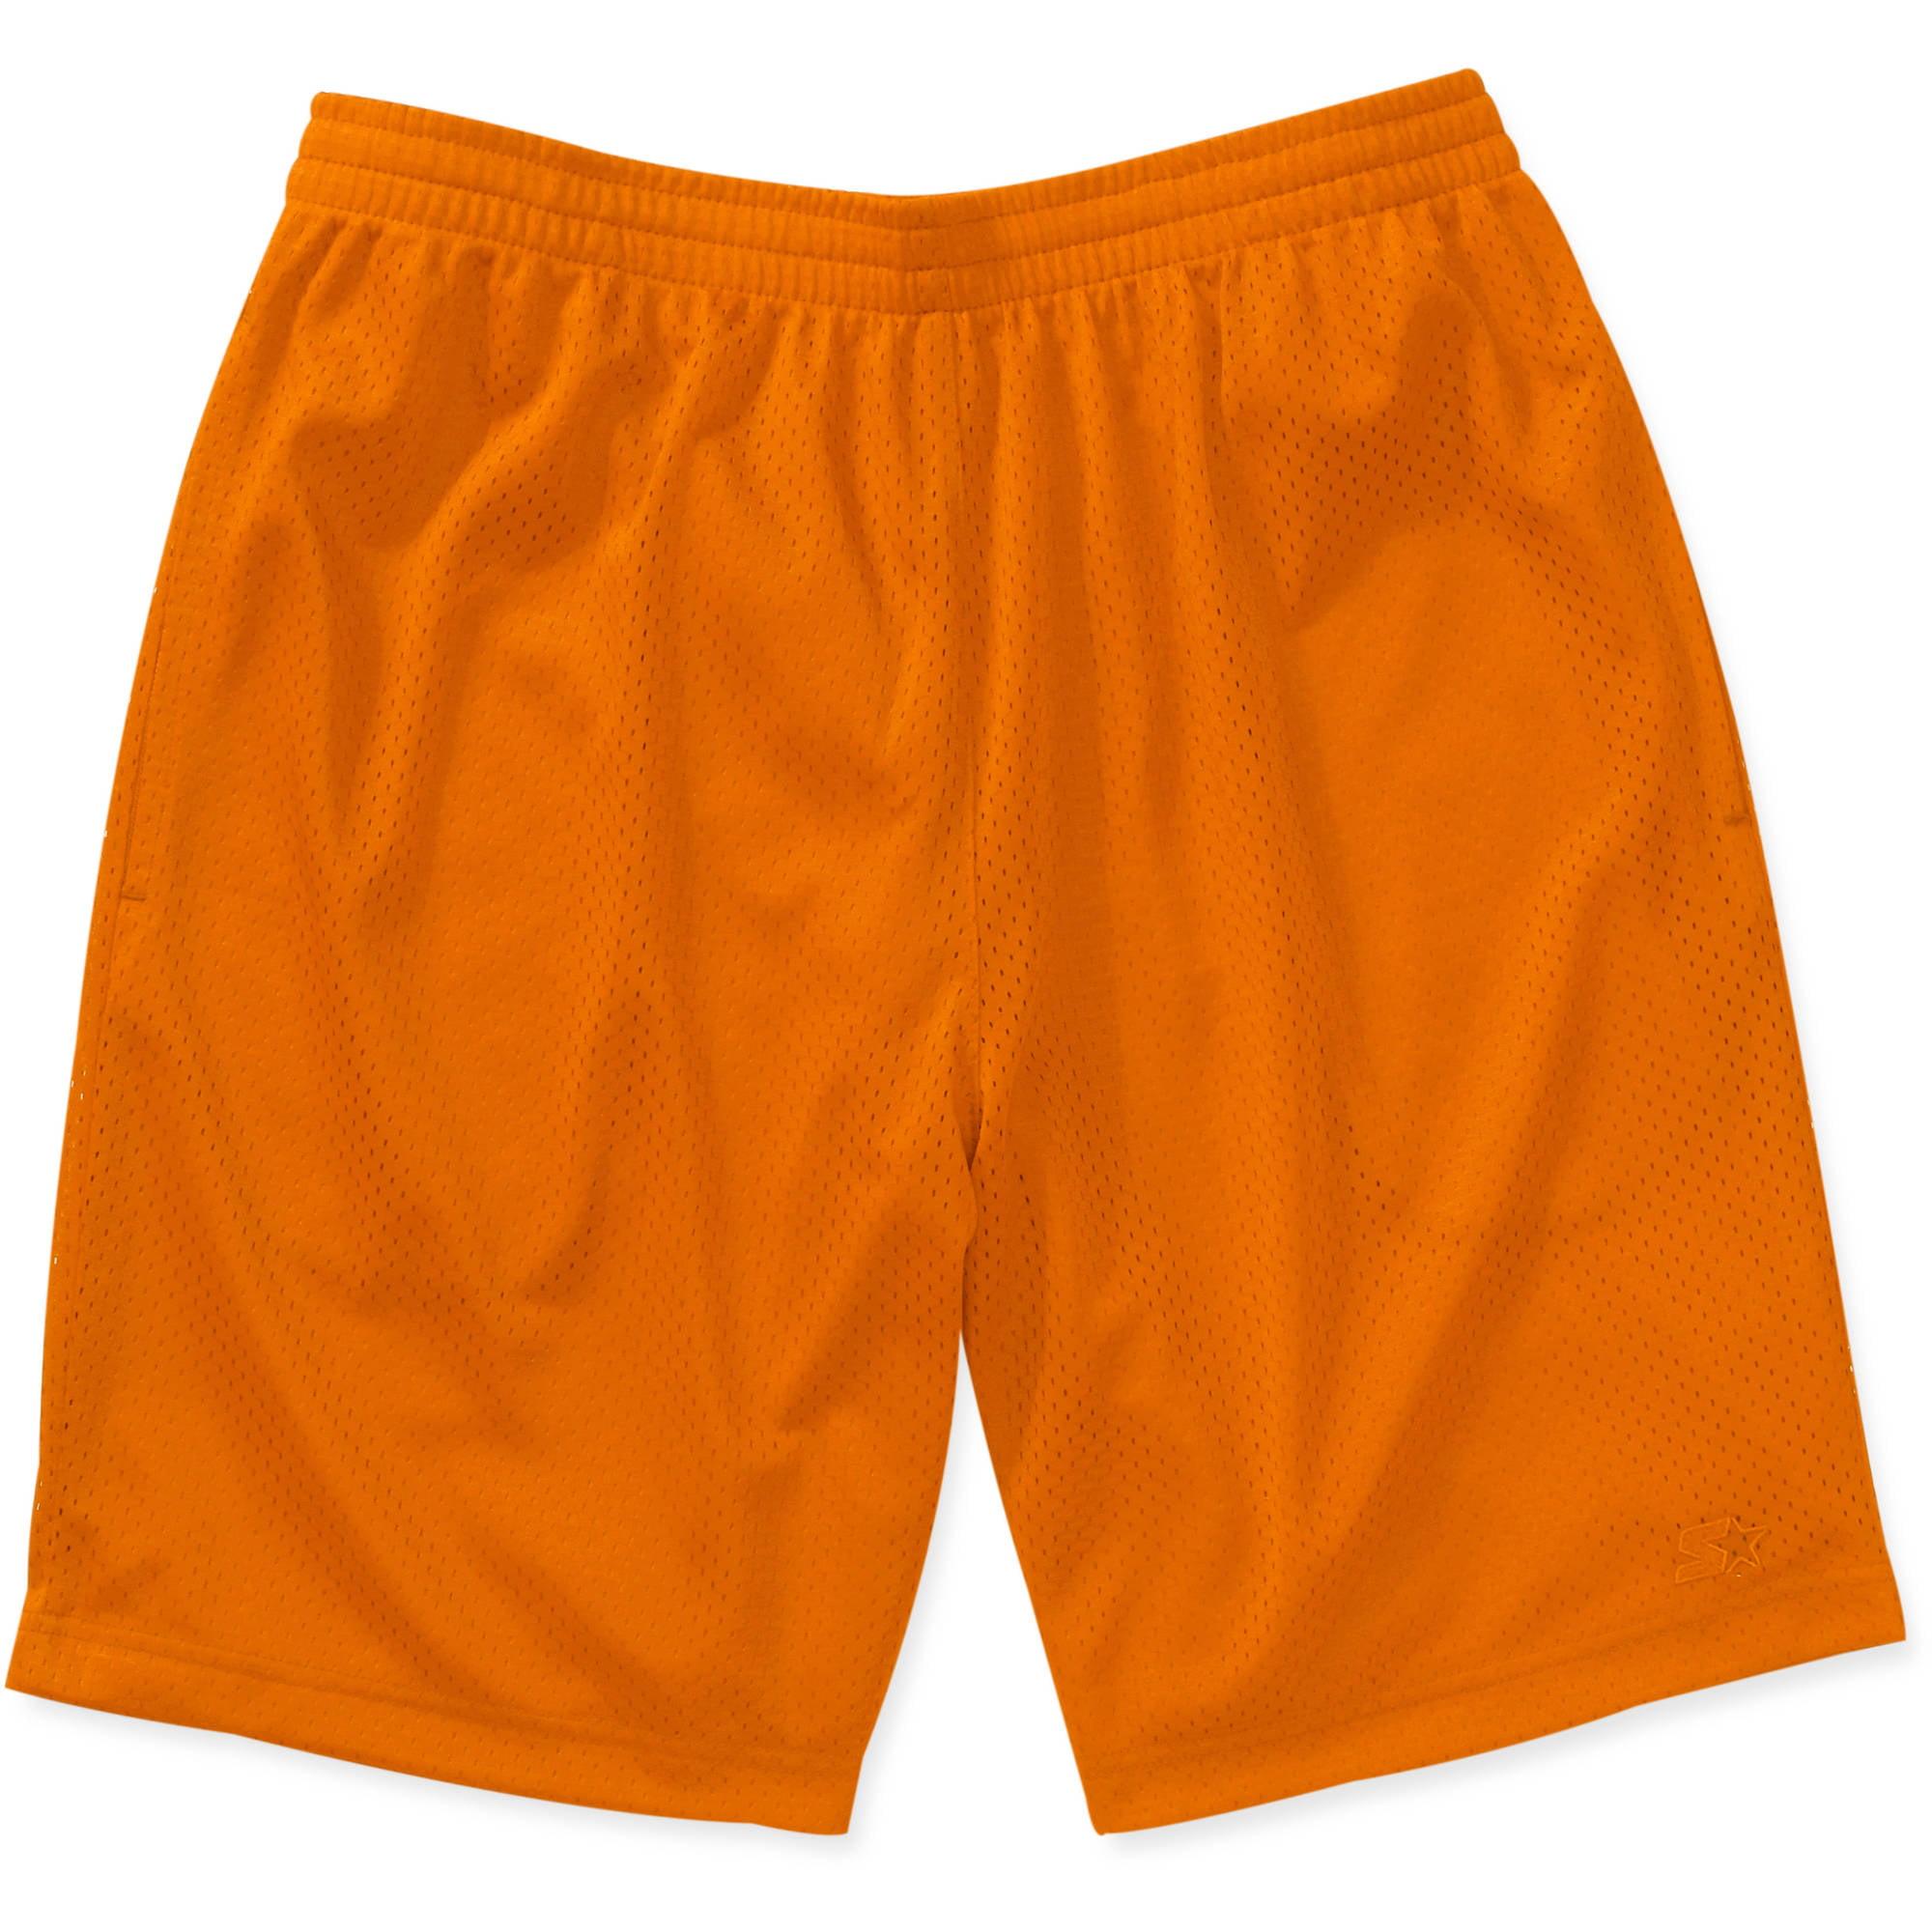 Starter Men's Active Mesh Short